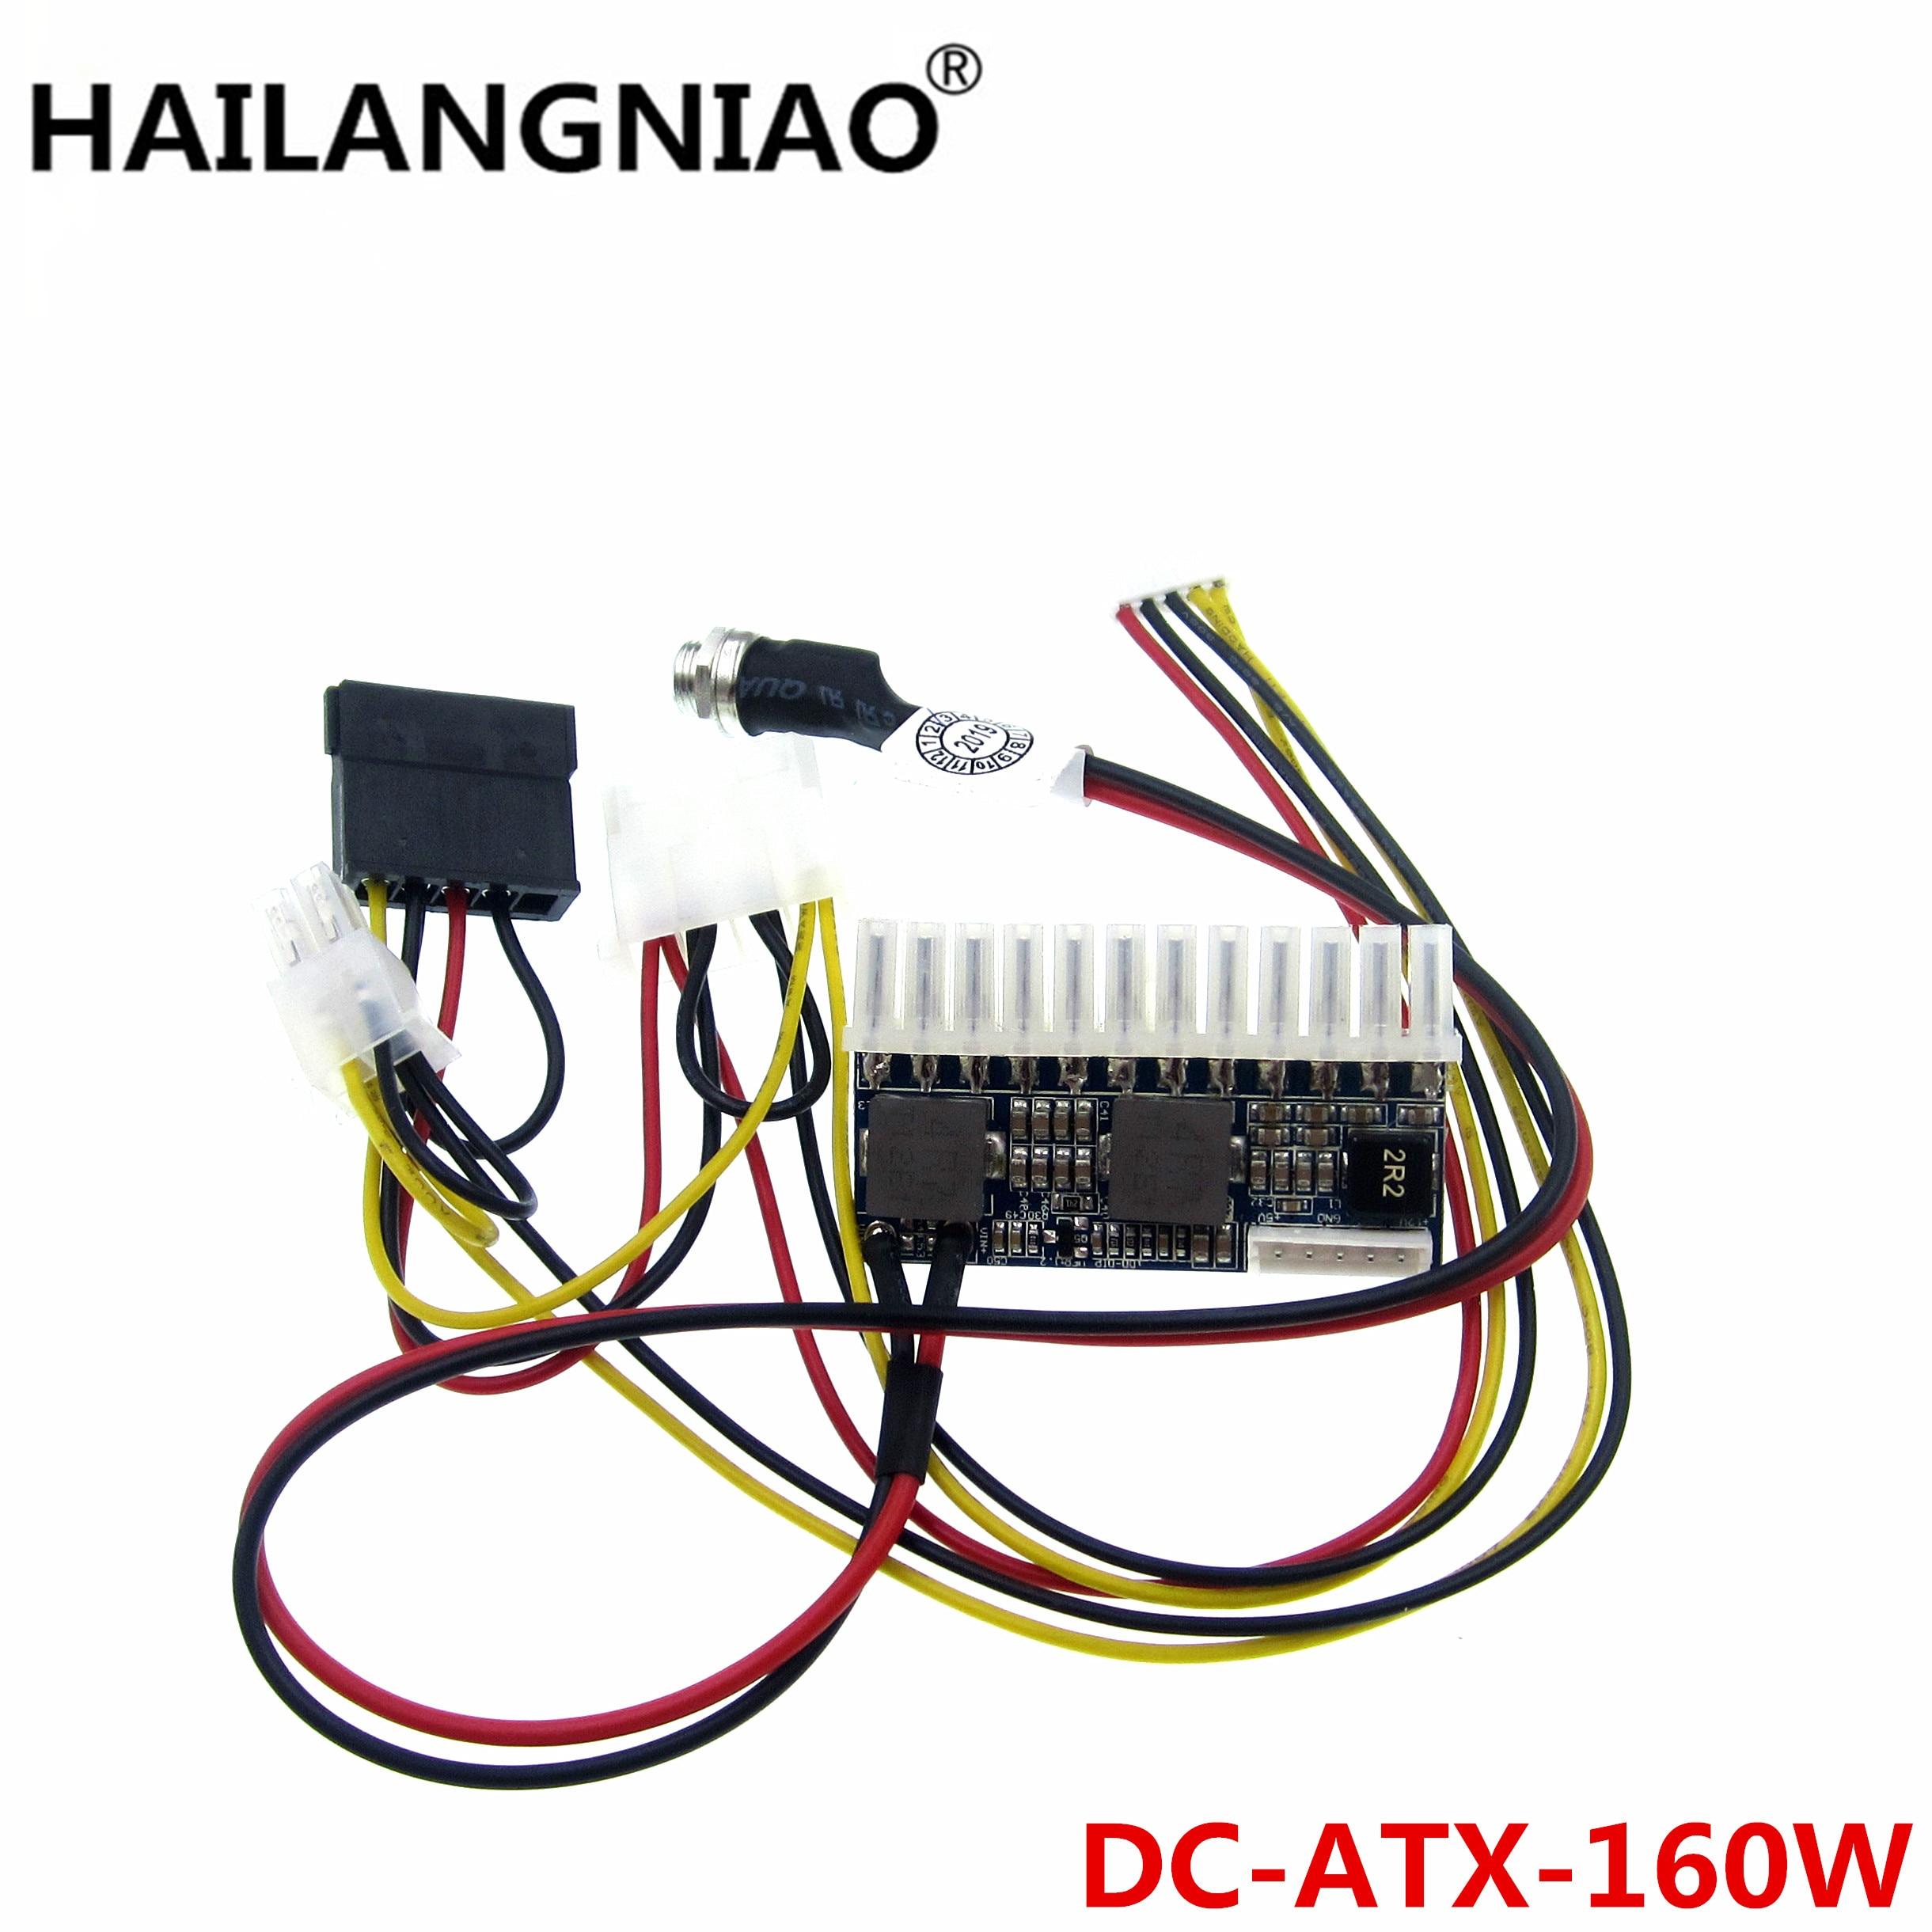 1set DC-ATX-160W 160W High Power DC 12V 24Pin ATX Switch Quality